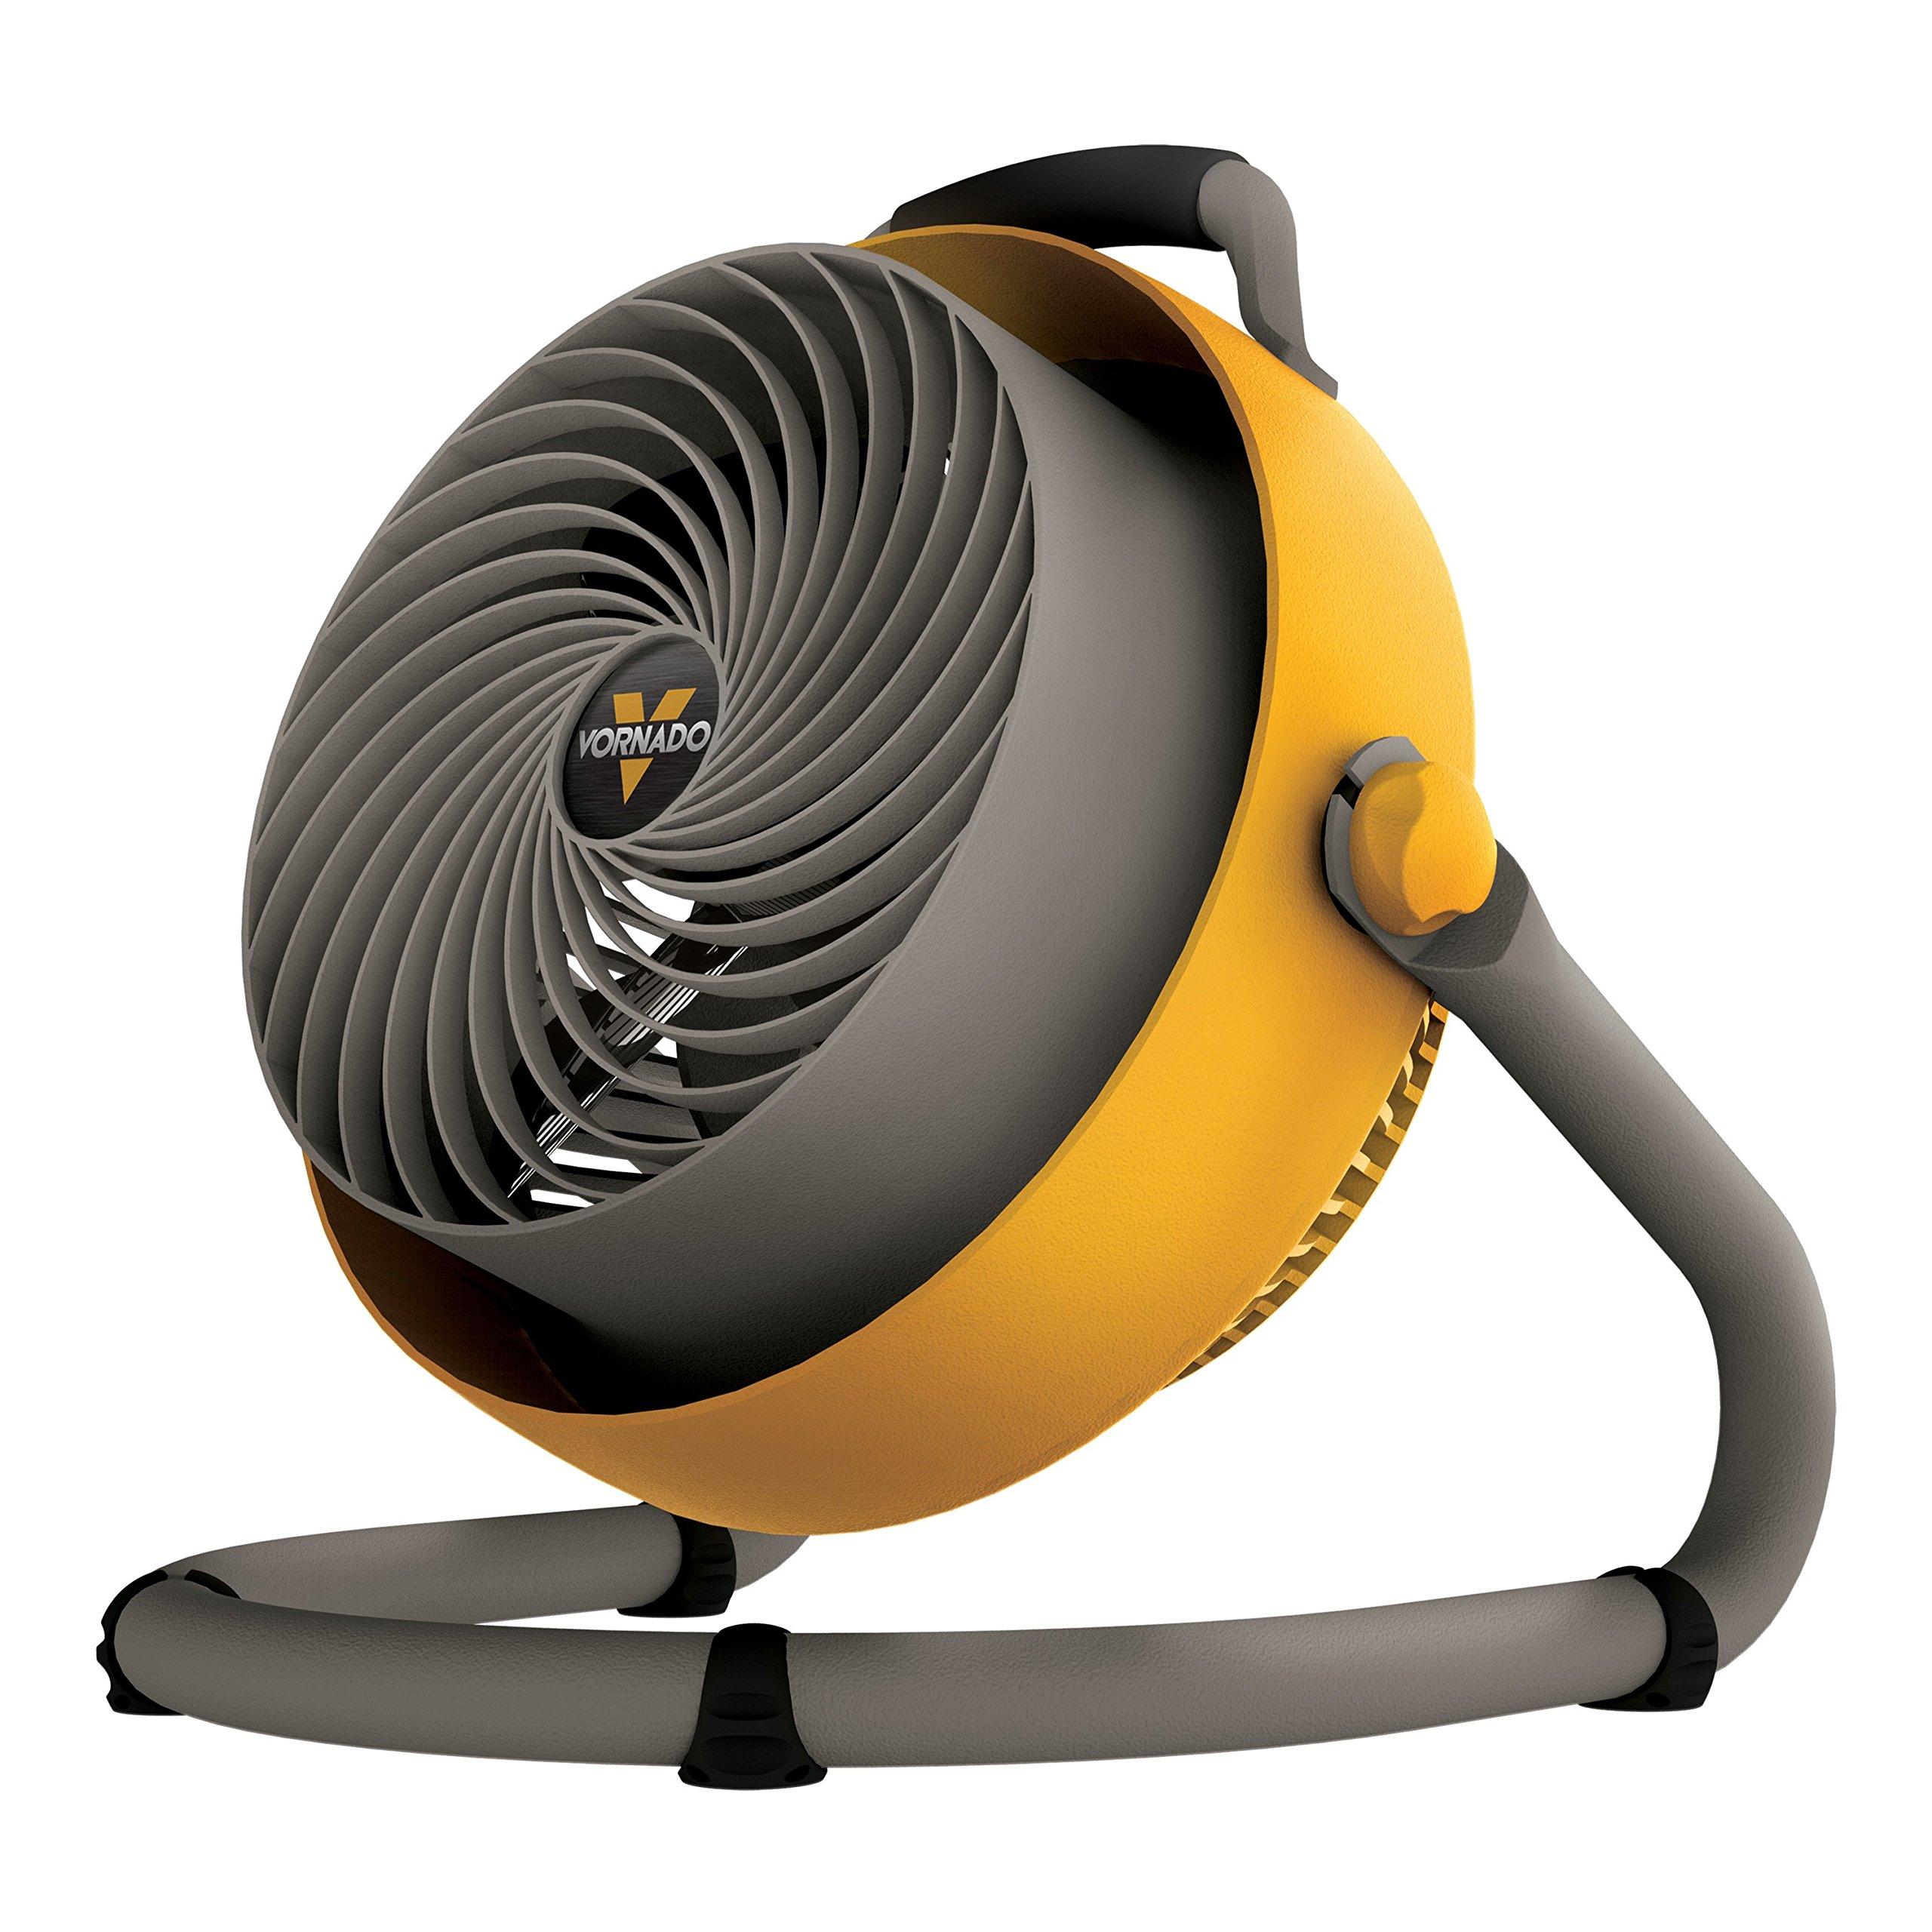 Vornado 293 Heavy-Duty Shop Air Circulator Fan by Vornado